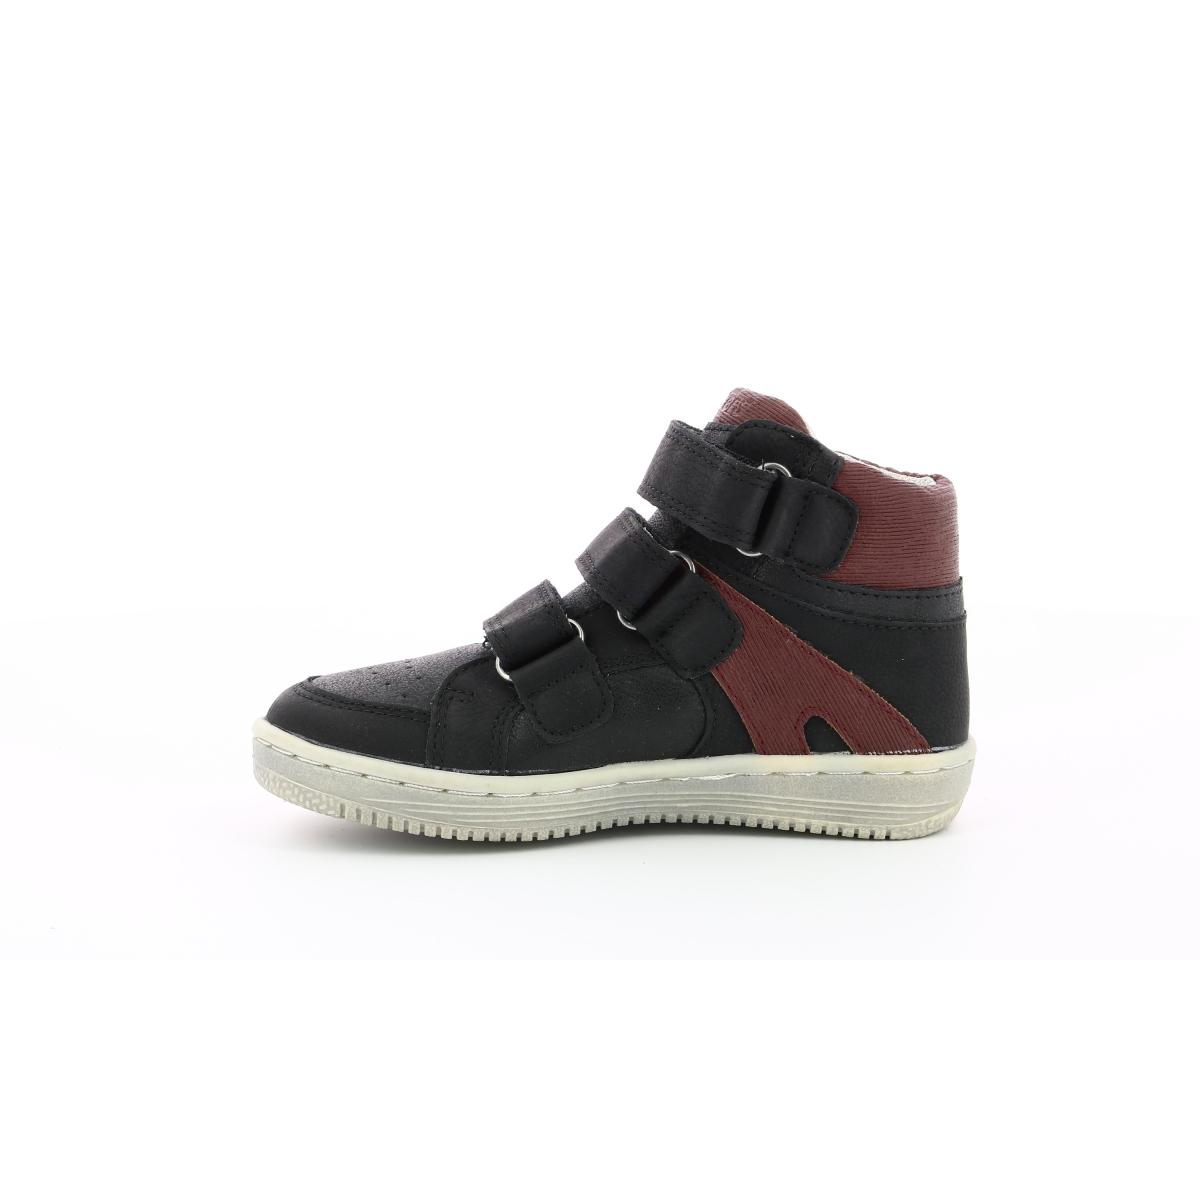 Sneakers Hautes Bébé Lohan noir bordeaux Chaussures Bébé